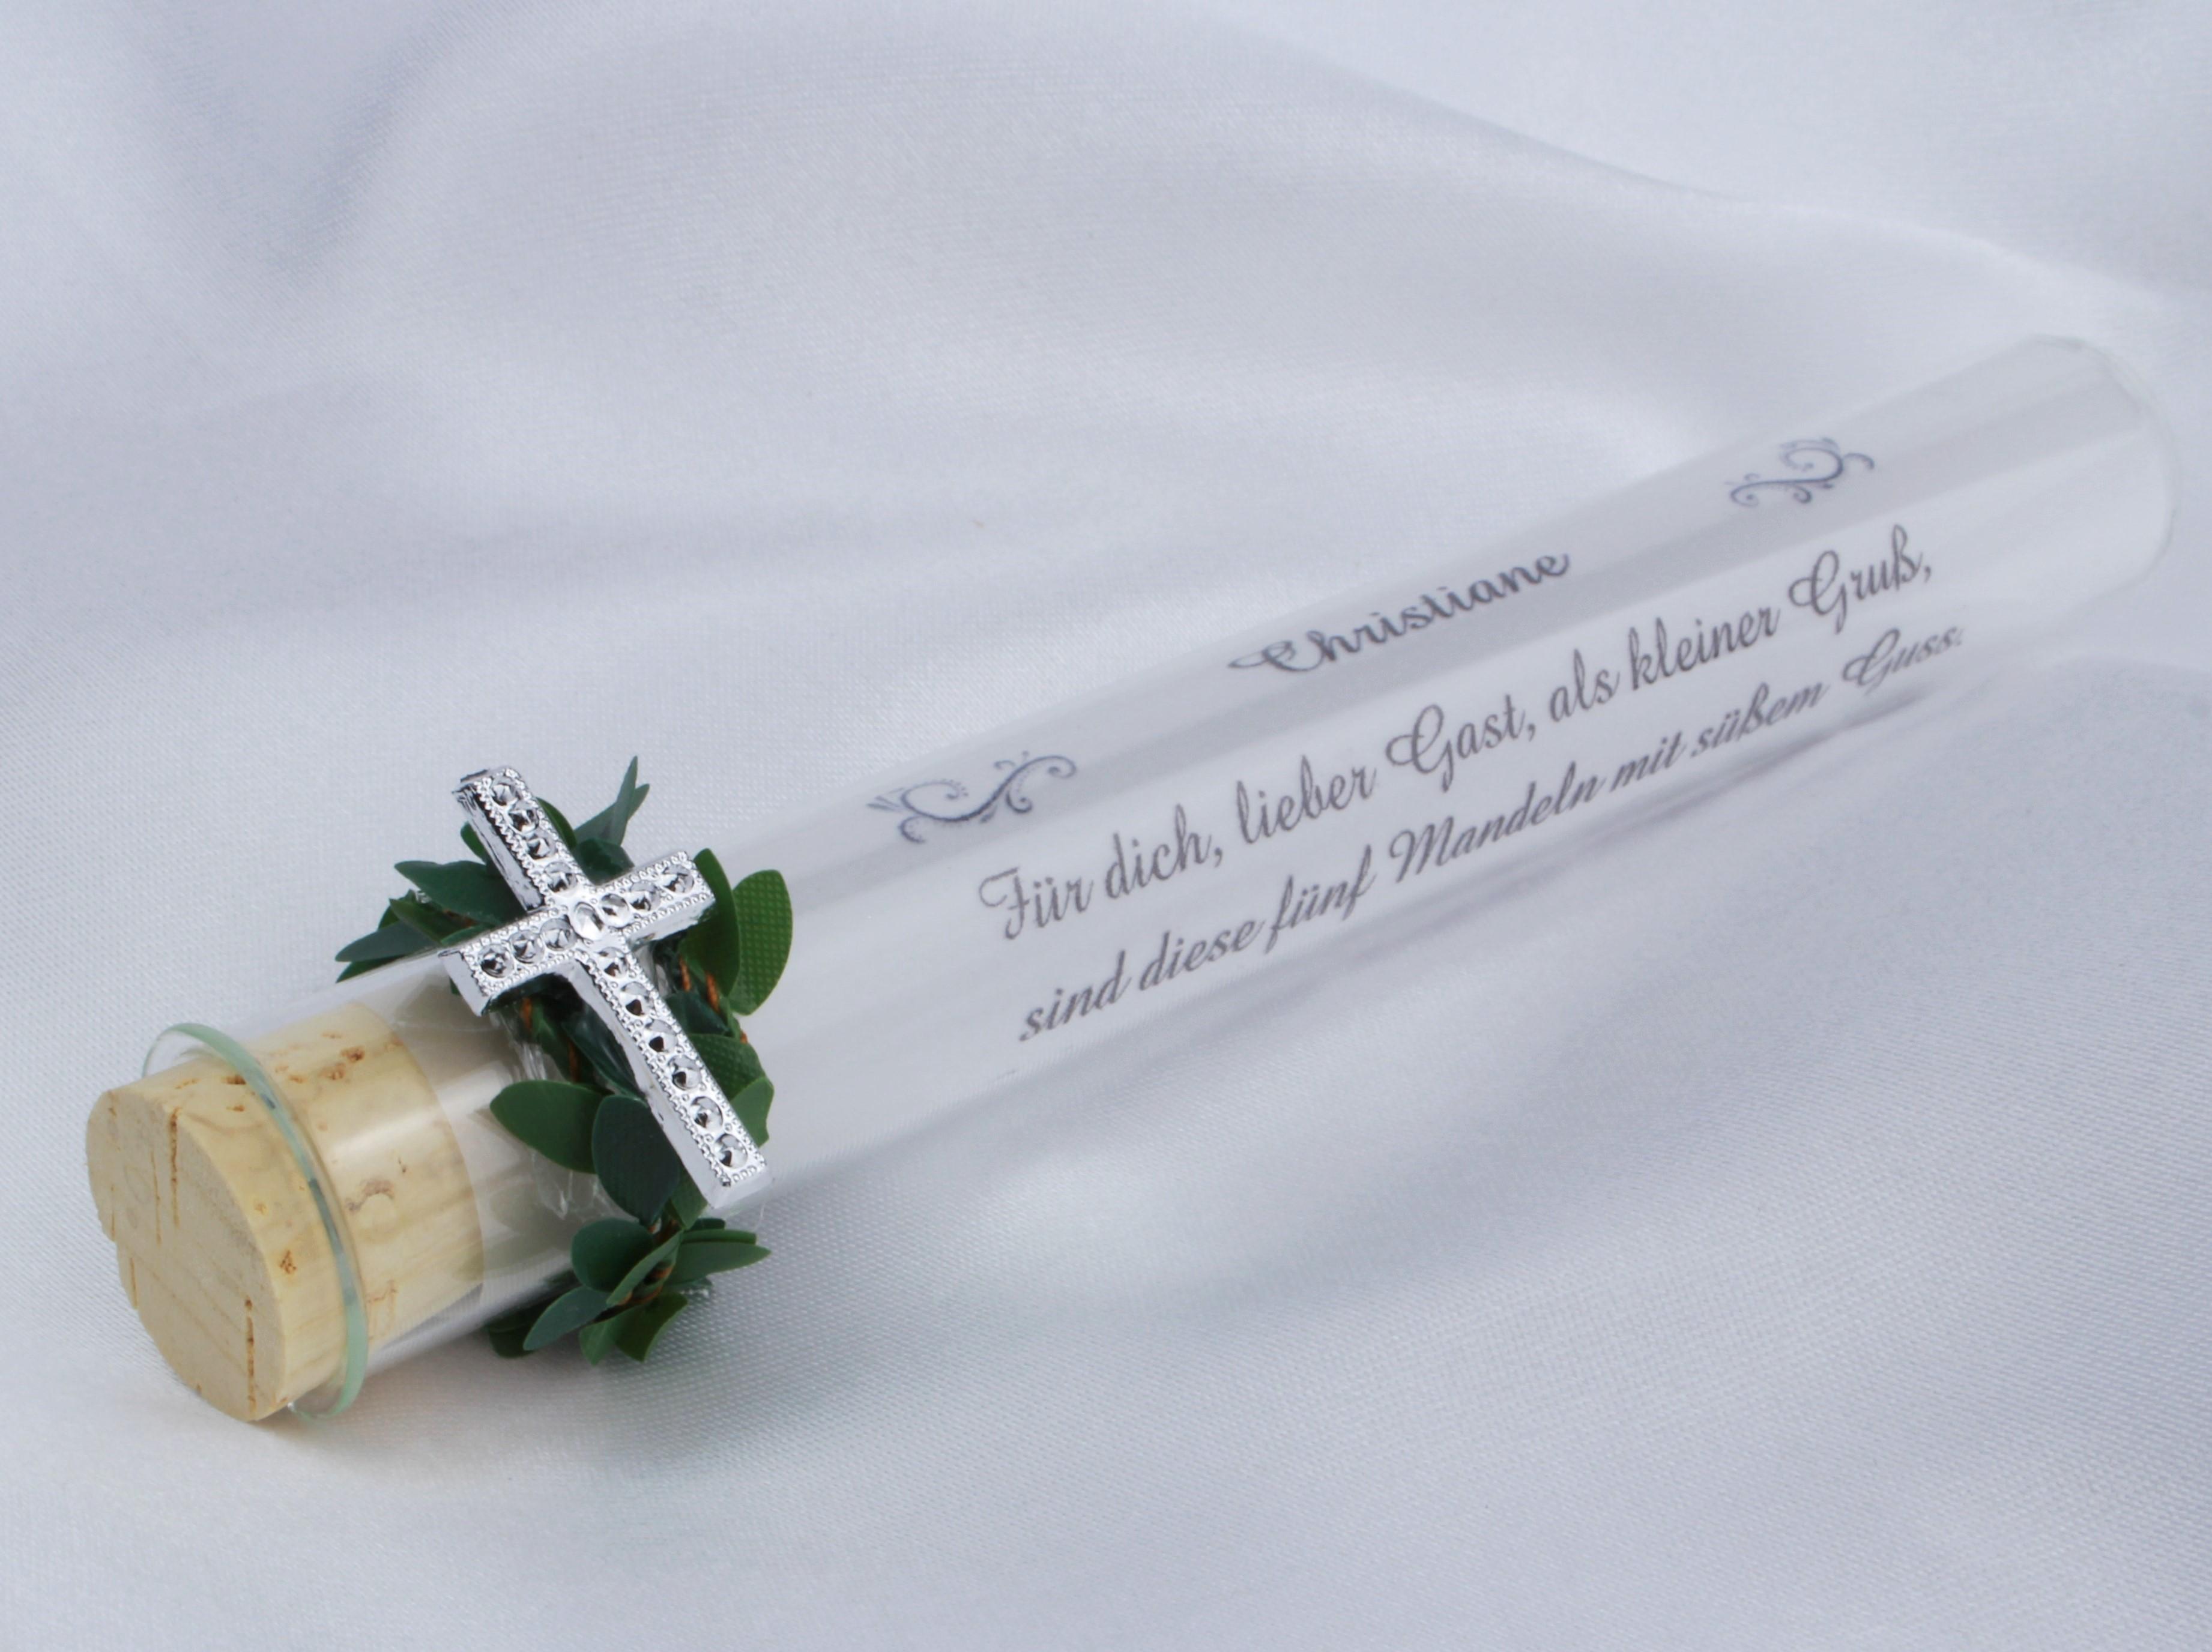 Gastgeschenk oder giveaway mit einem Kreuz, Buchs und Mandeln - zur Kommunion und Konfirmation